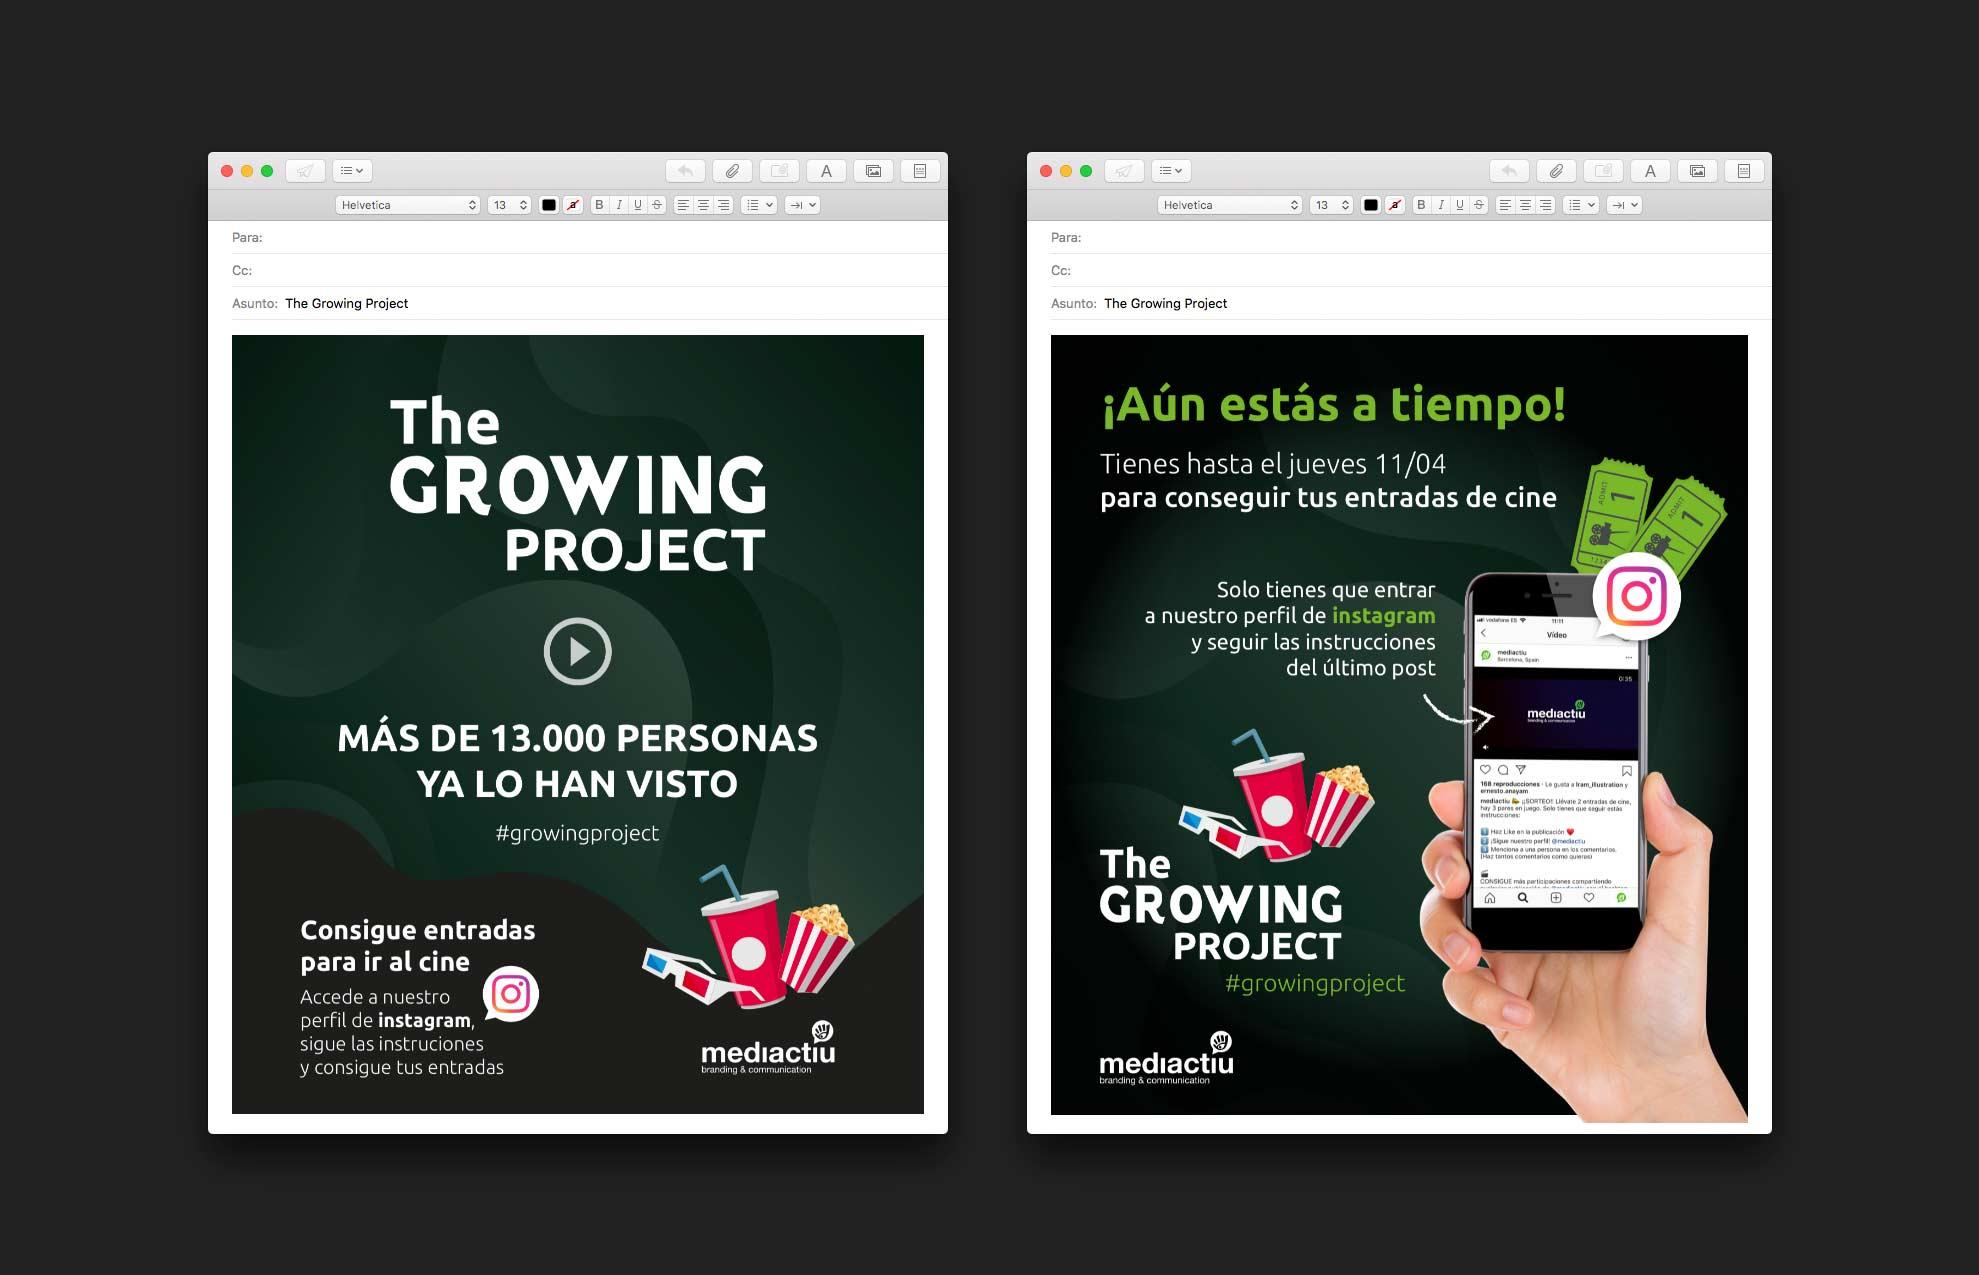 diseno campana mailing - Cómo hacer una acción de marketing directo